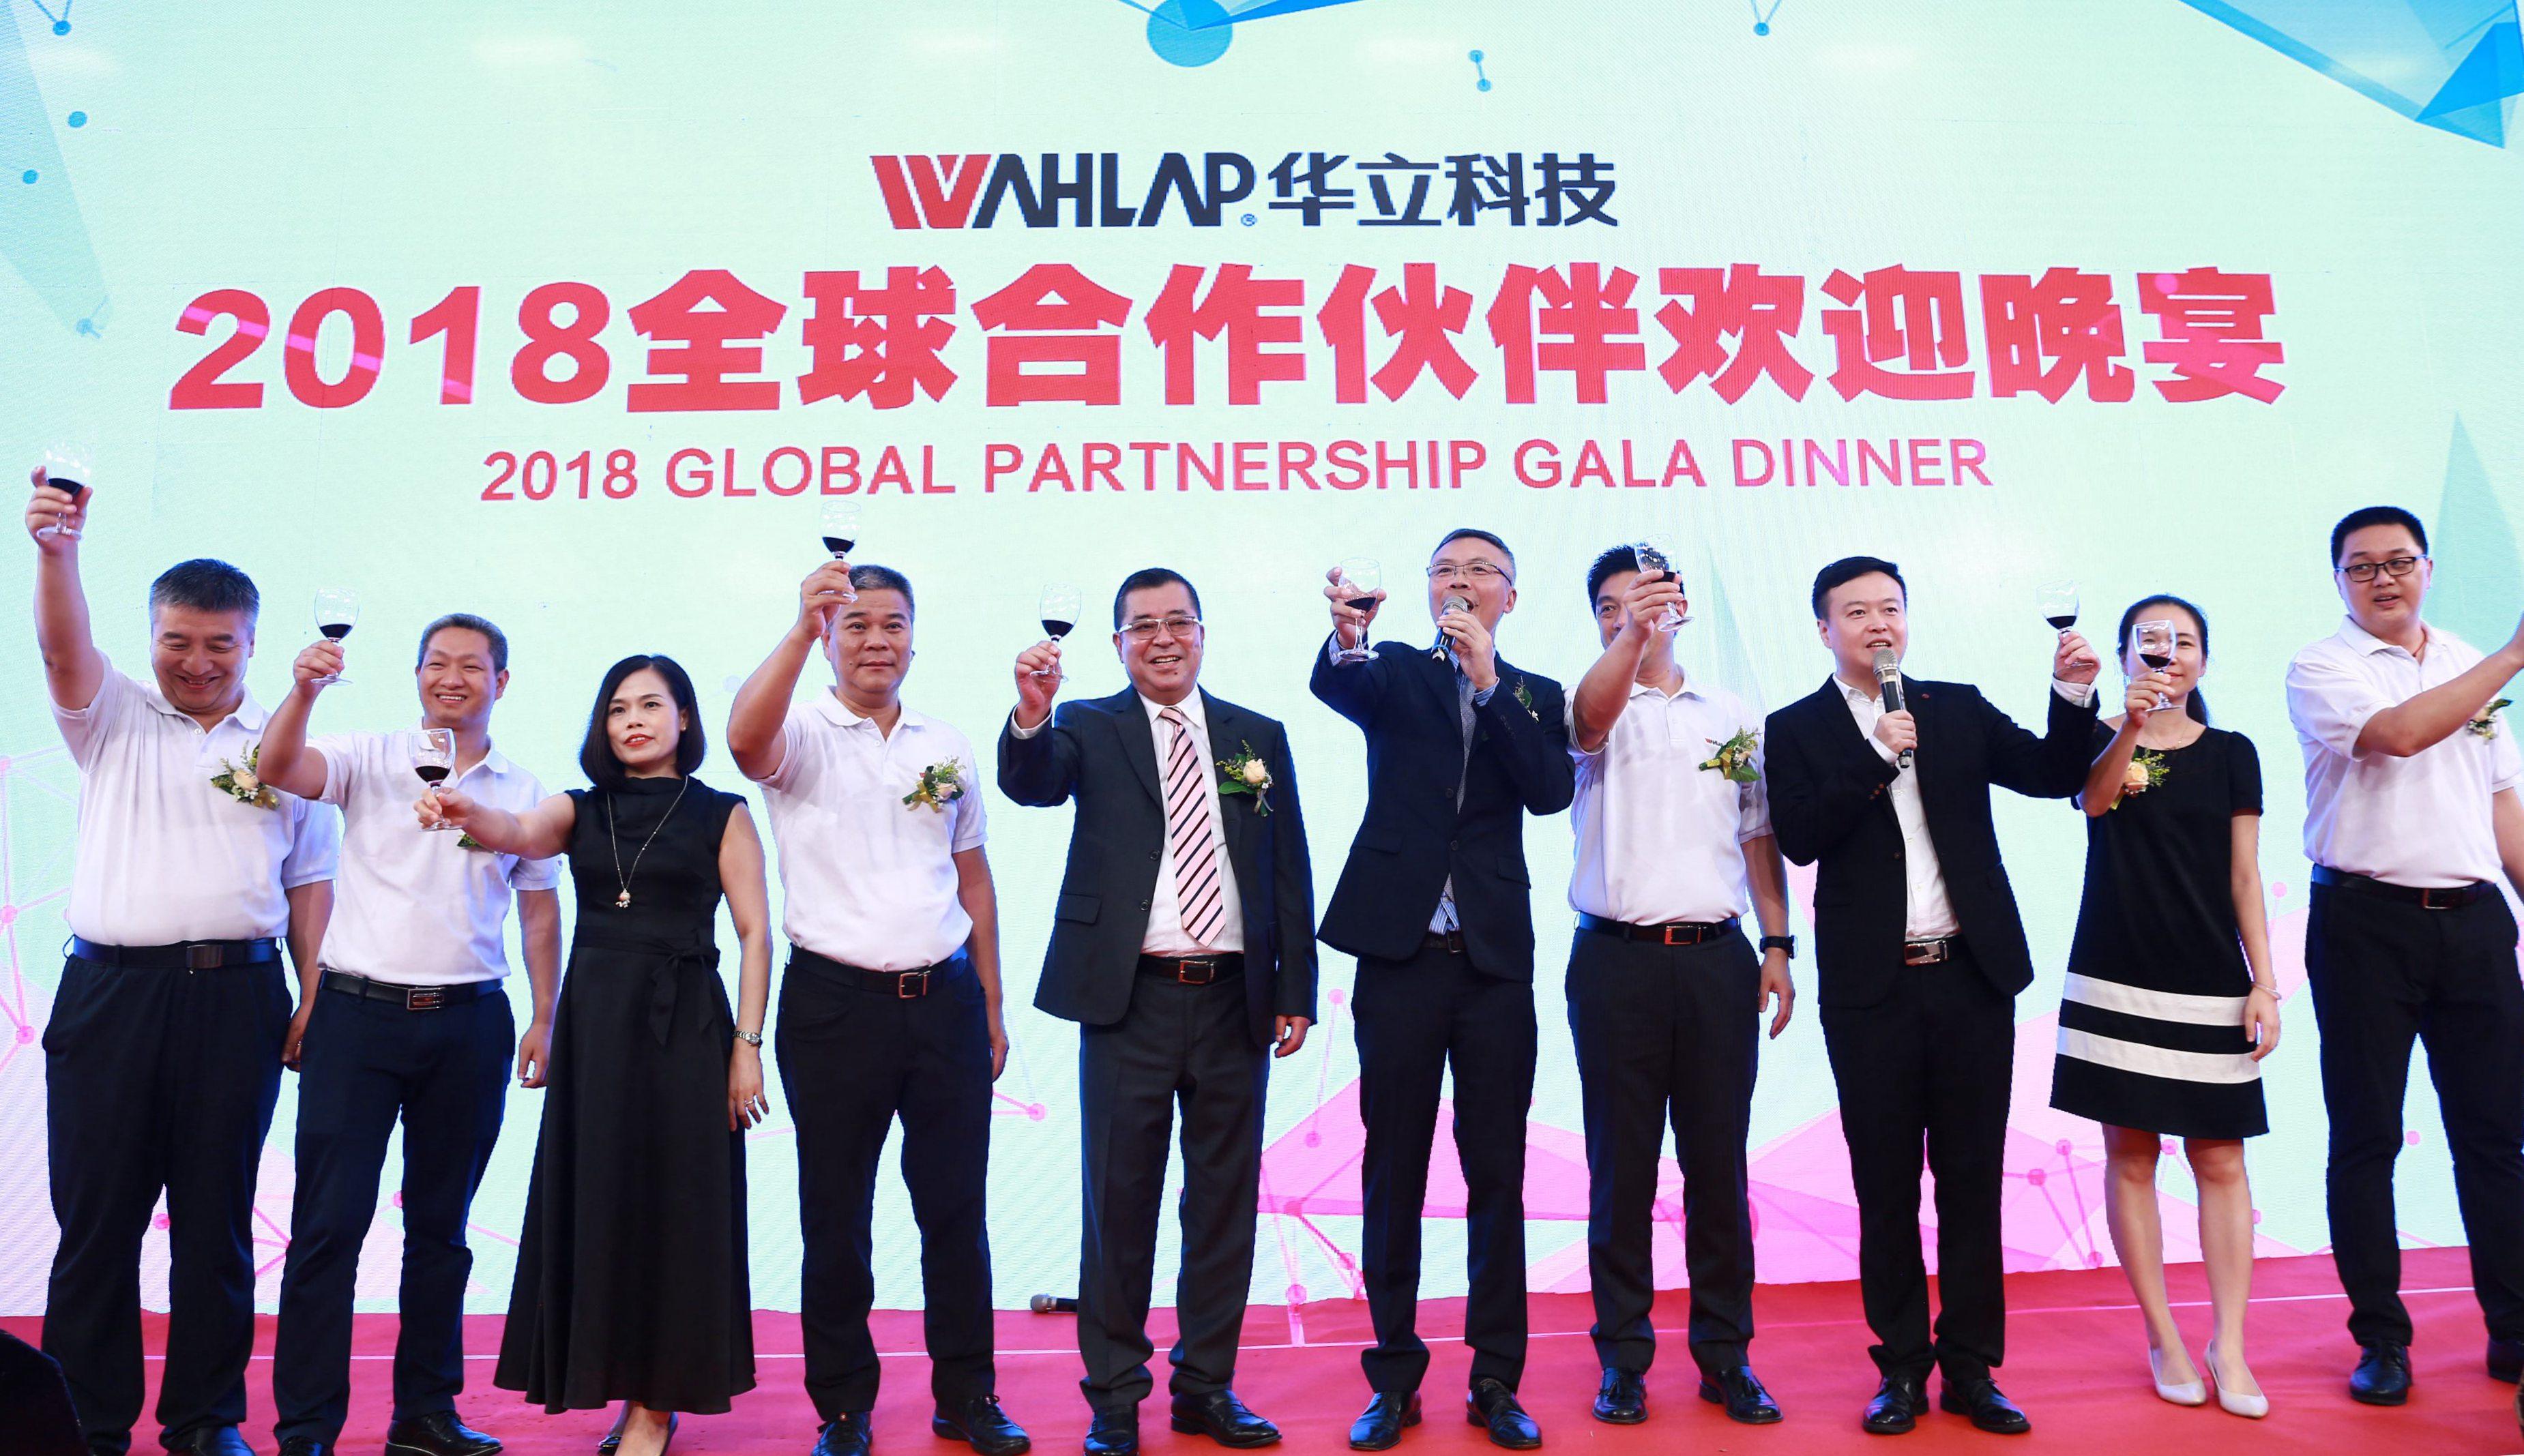 华立科技2018全球合作伙伴合影